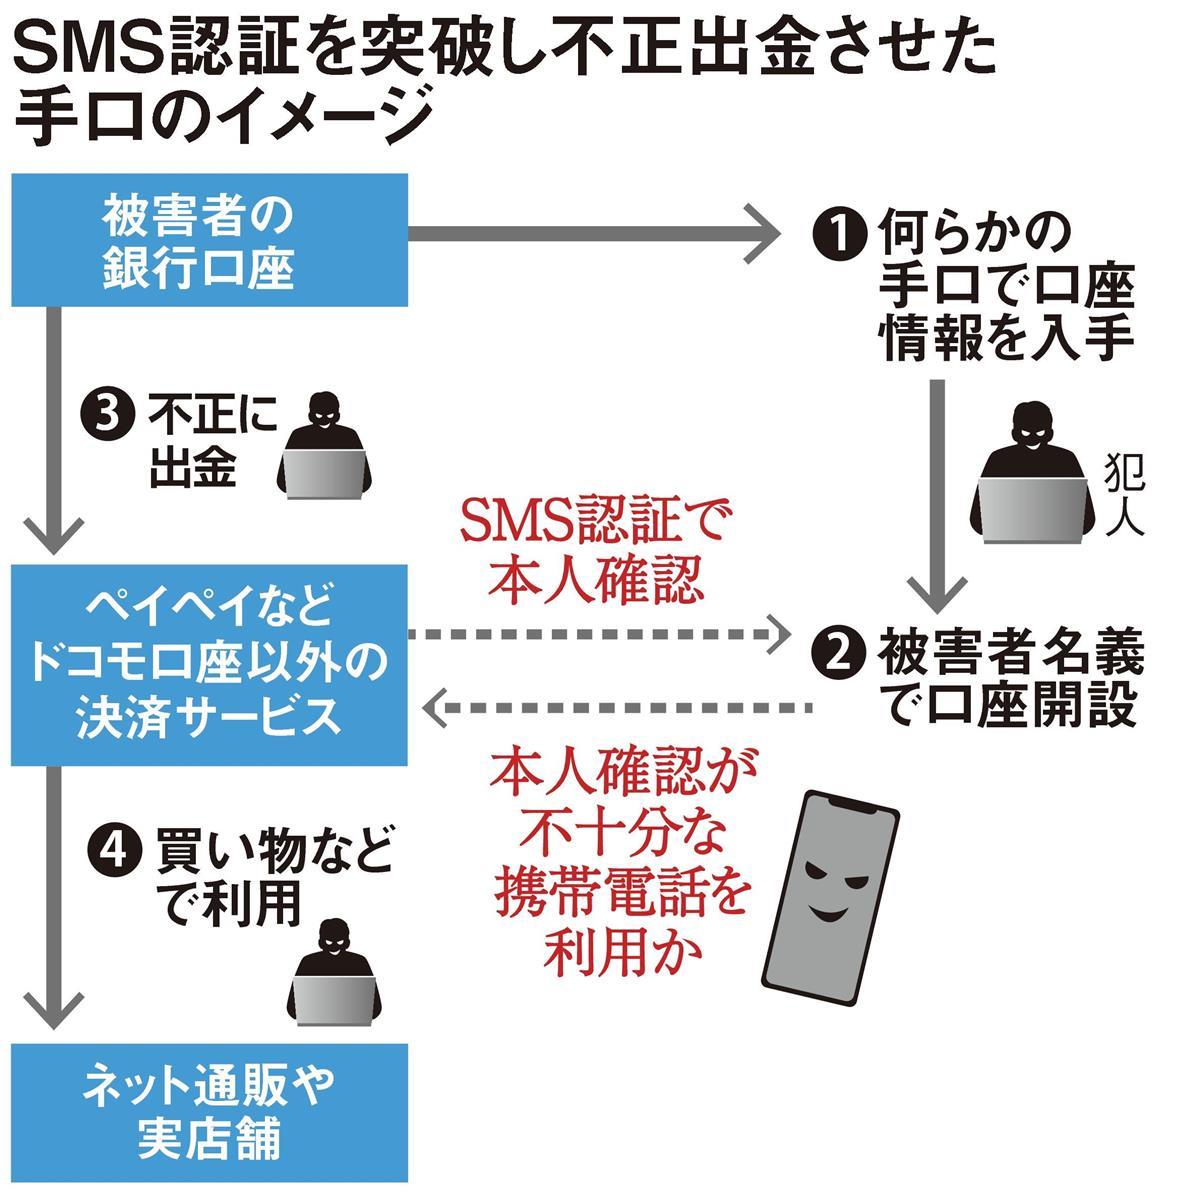 〈独自〉ペイペイなどの被害 SMS認証も突破 所有者不明携帯…